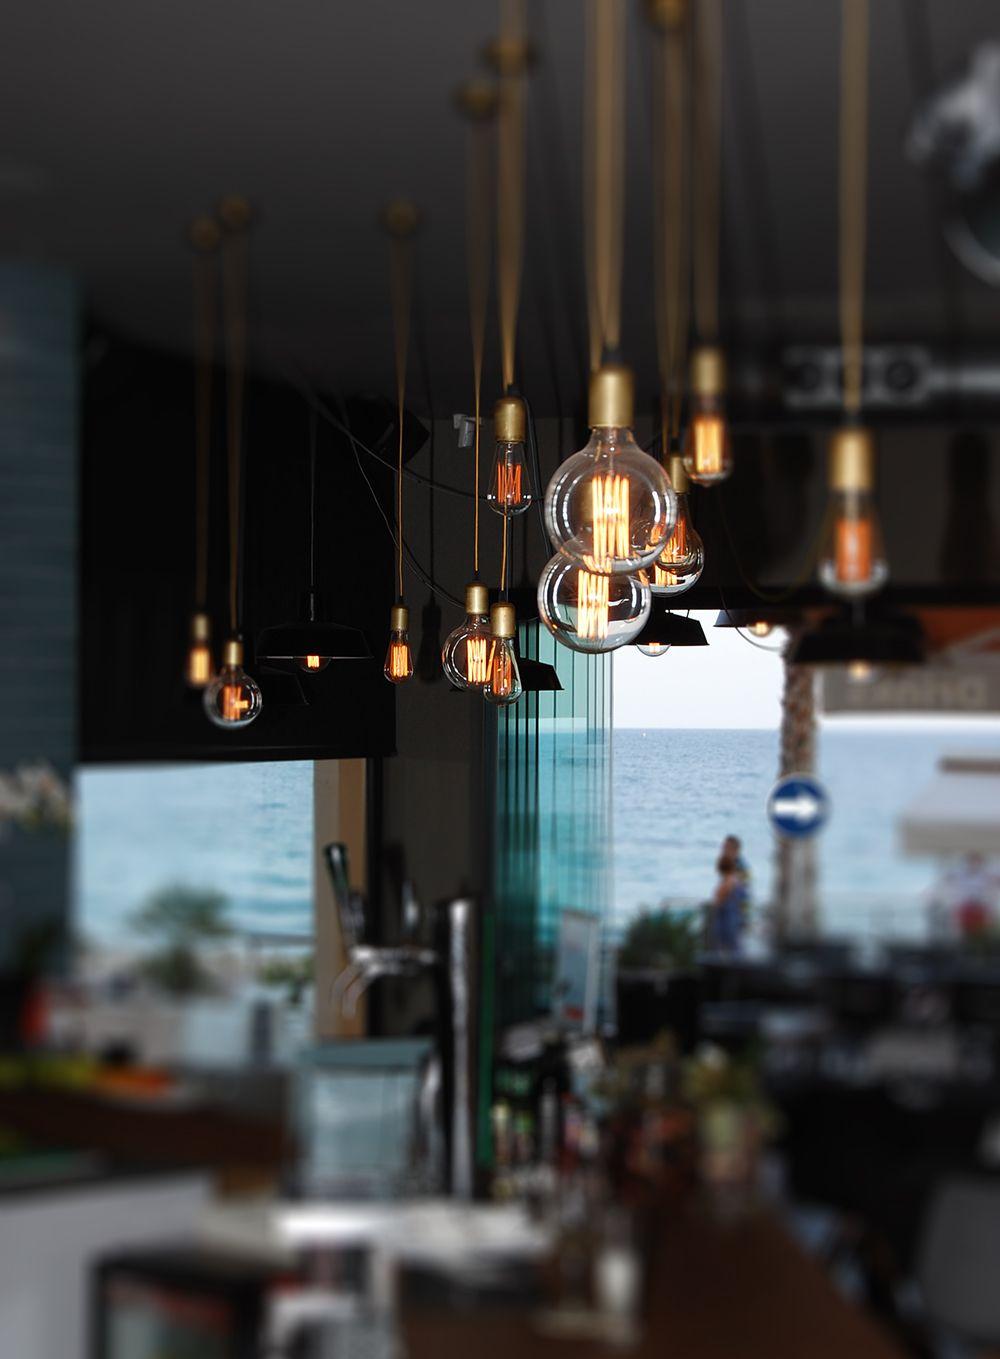 T class es un lugar de estilo industrial la iluminaci n - Iluminacion estilo industrial ...